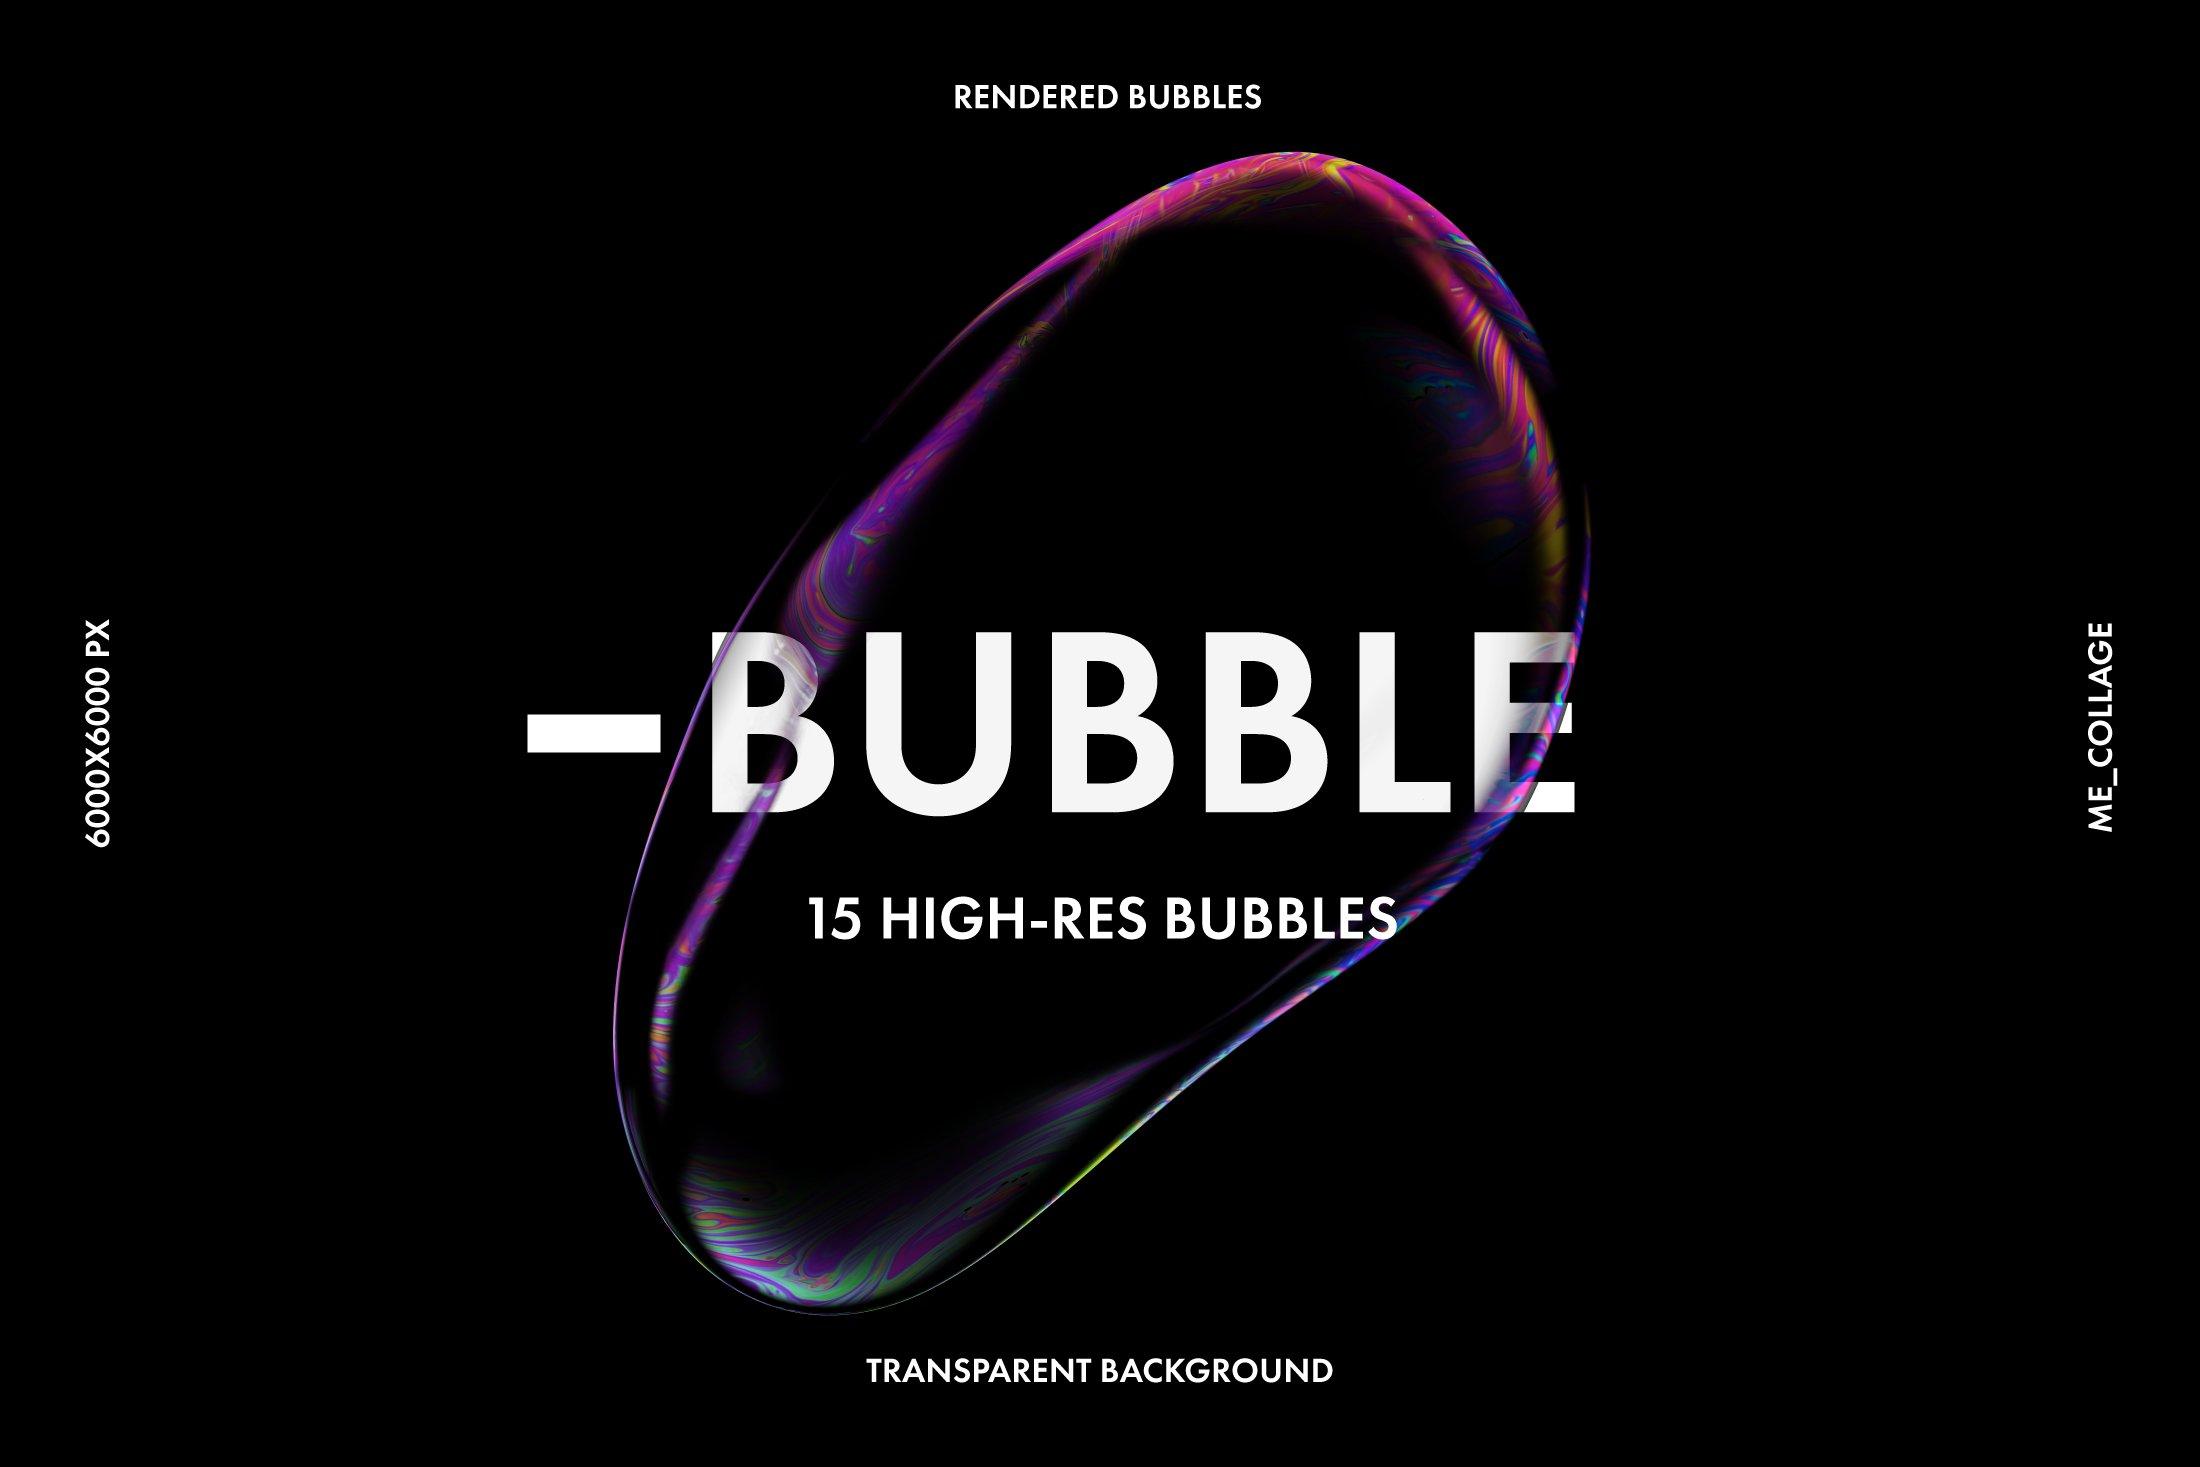 [淘宝购买] 高清炫彩抽象透明肥皂气泡海报背景底纹素材 BUBBLE – 15 Soap Bubbles插图(8)